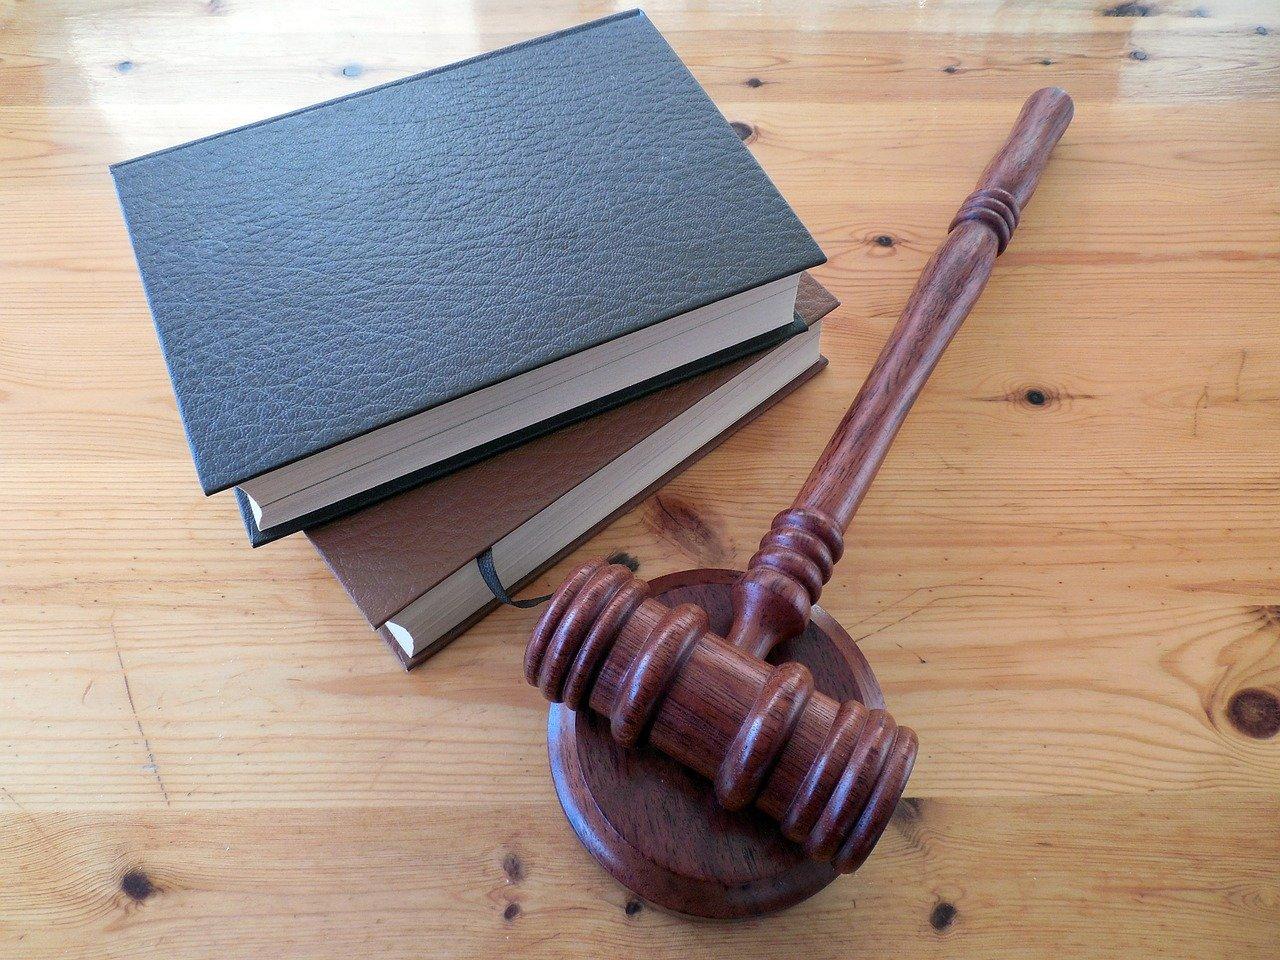 Licealistki z Gdyni stworzyły prawniczą aplikację dla nastolatków. W czym ma pomóc? [WYWIAD]